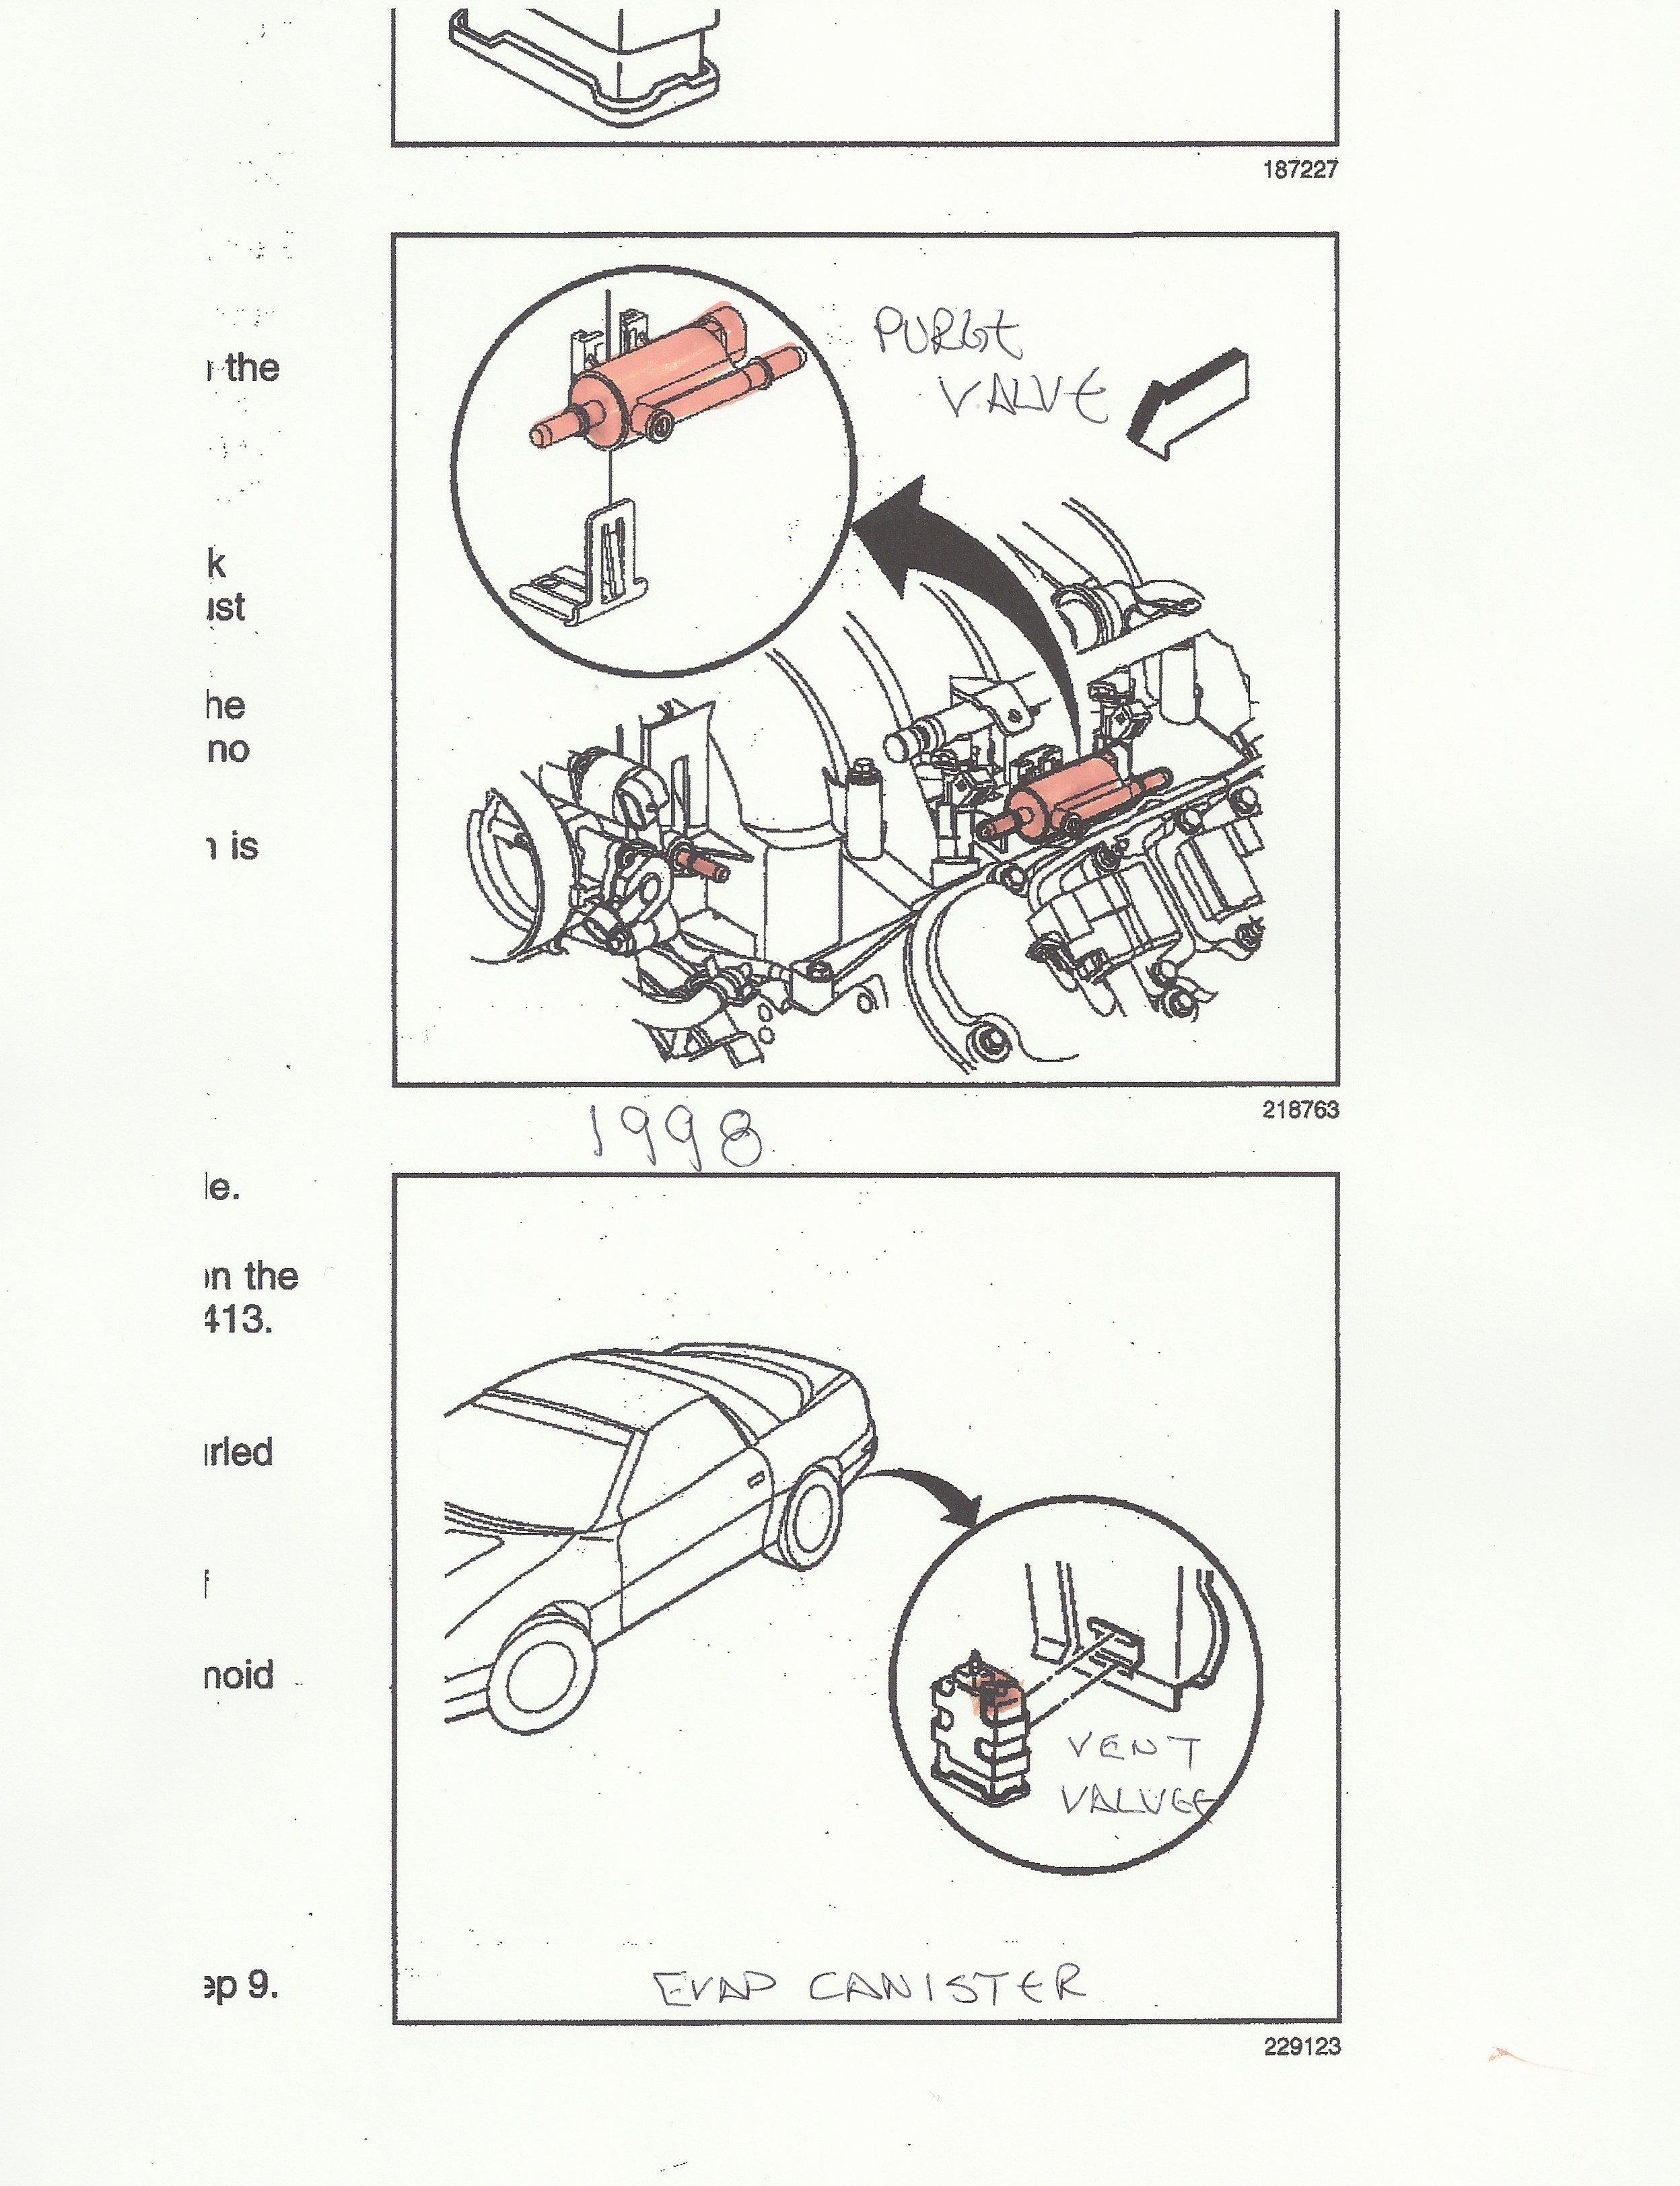 Help With My 99 Camaro Z28 V8 5 7